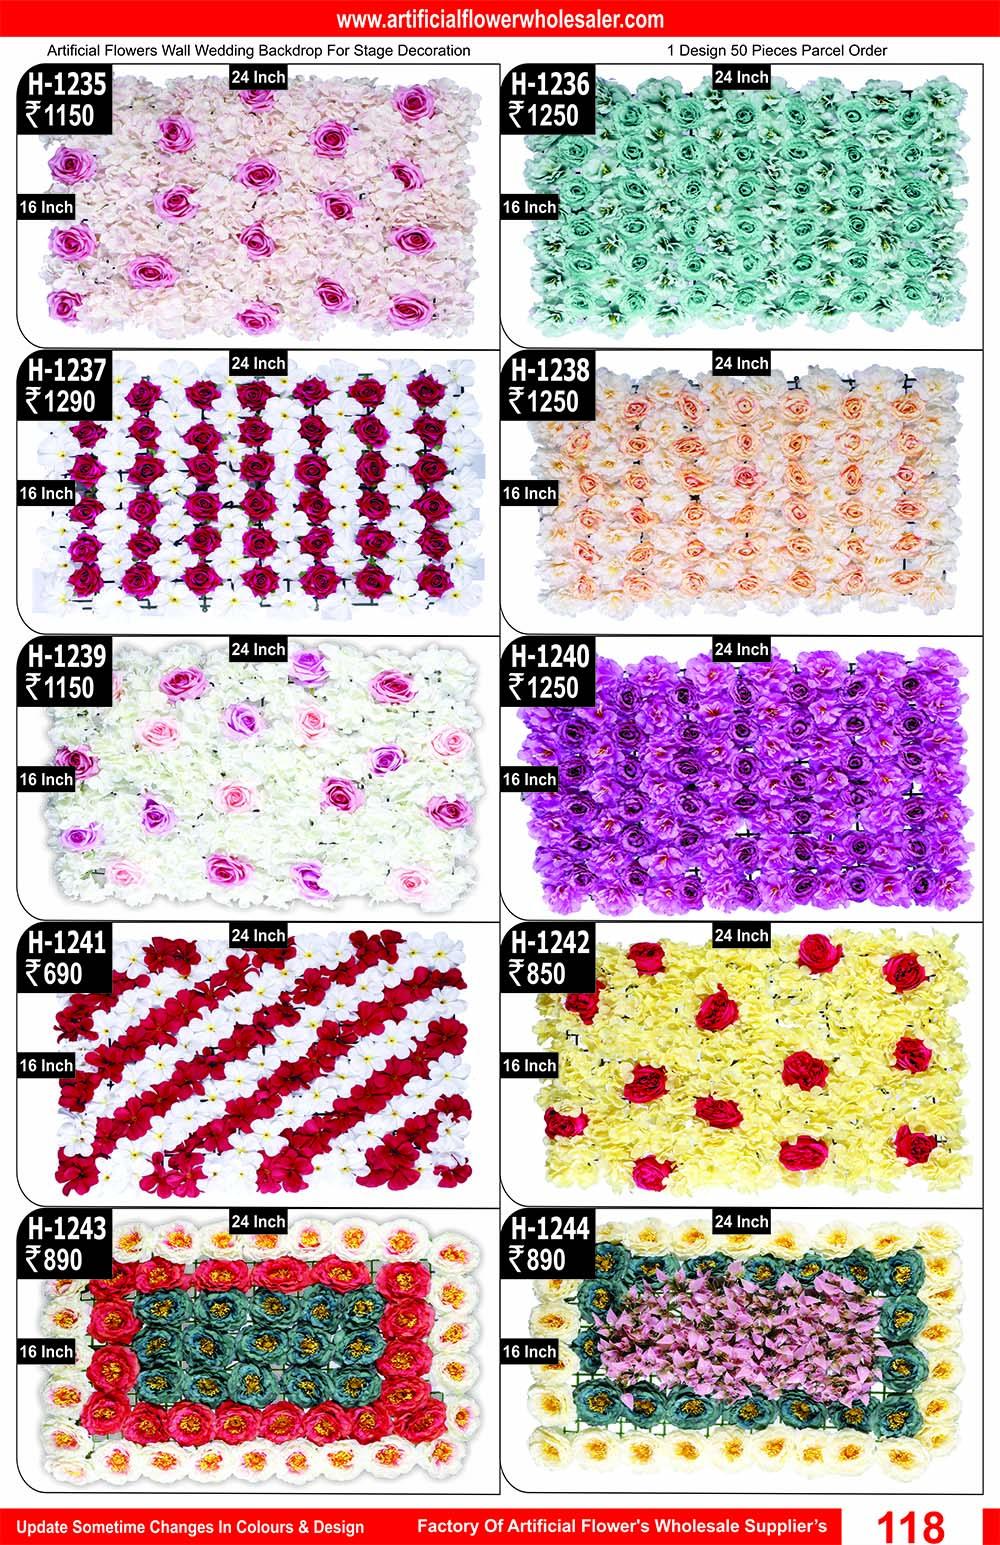 118-artificial-flower-wholesaler